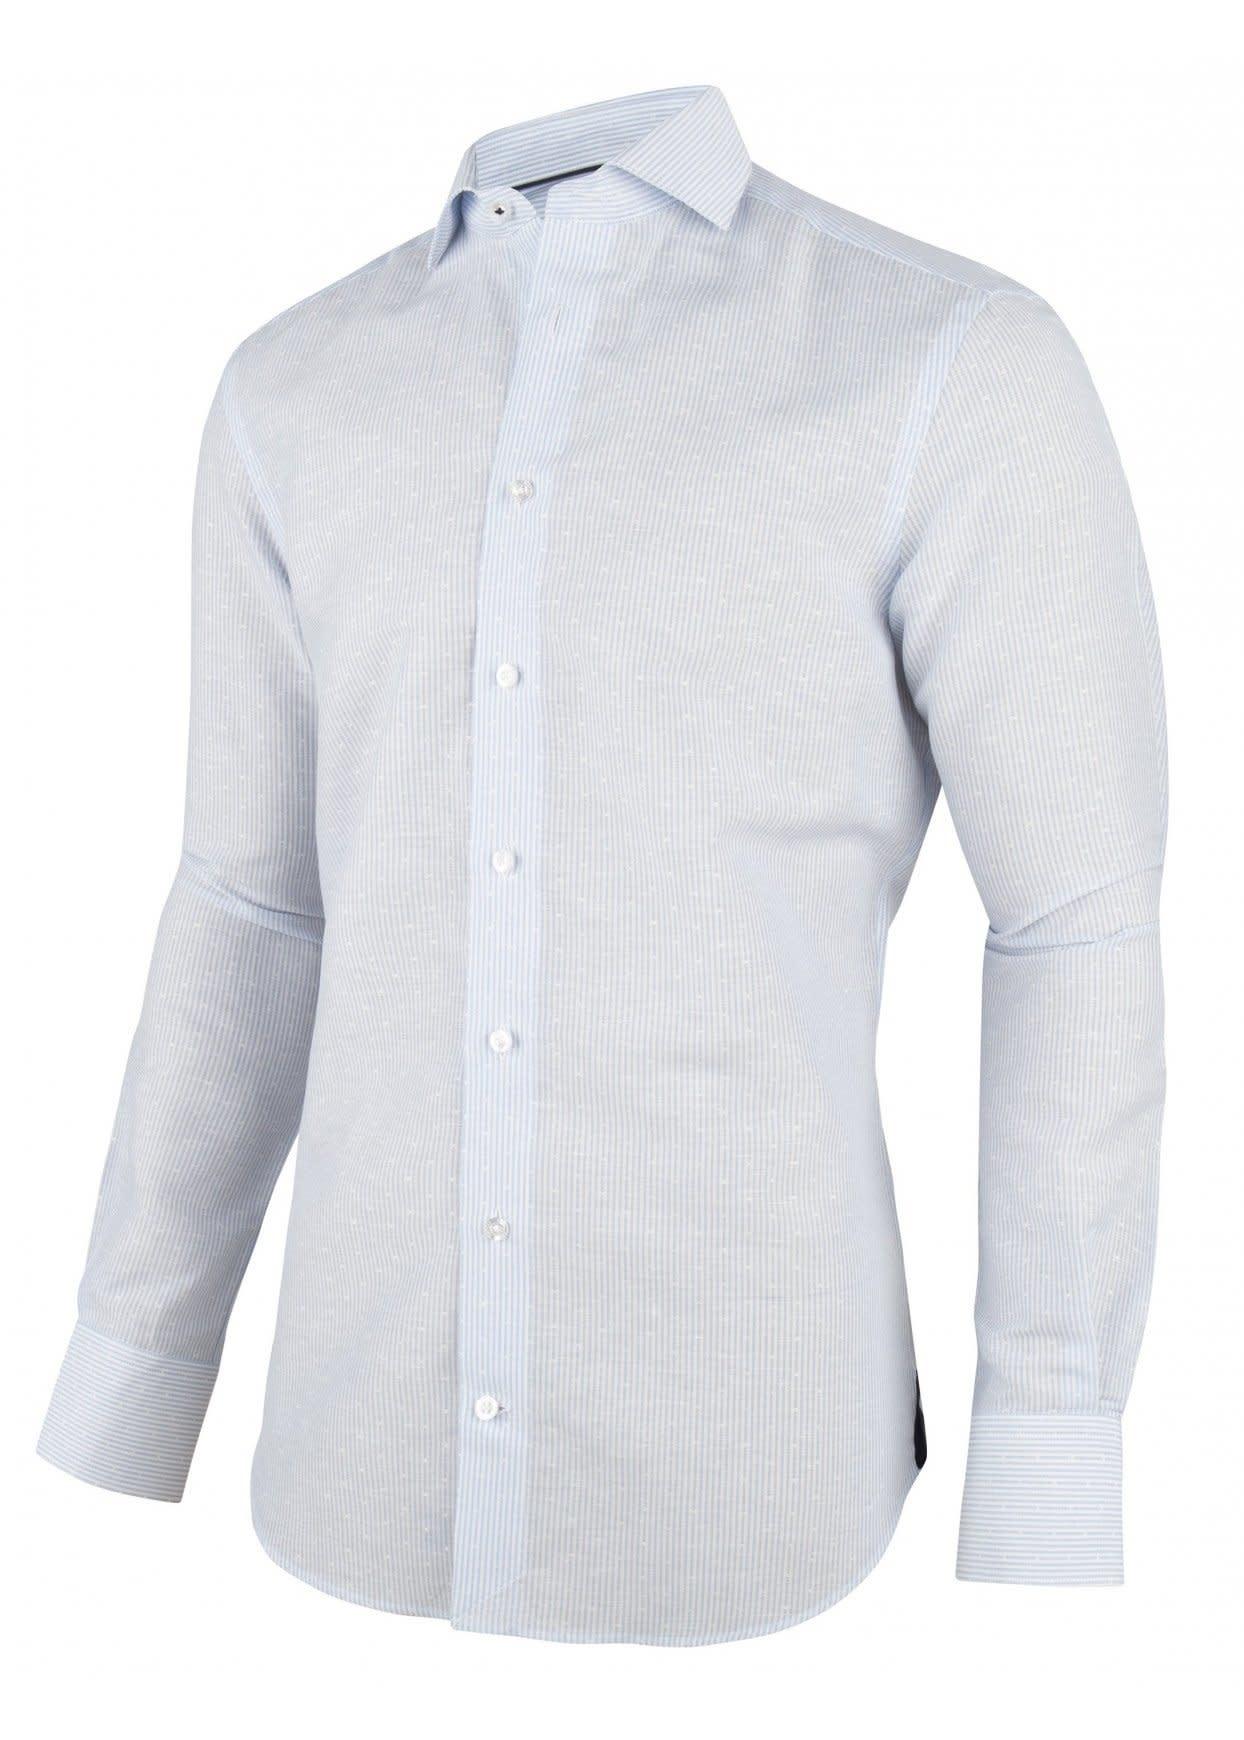 Bari overhemd-6